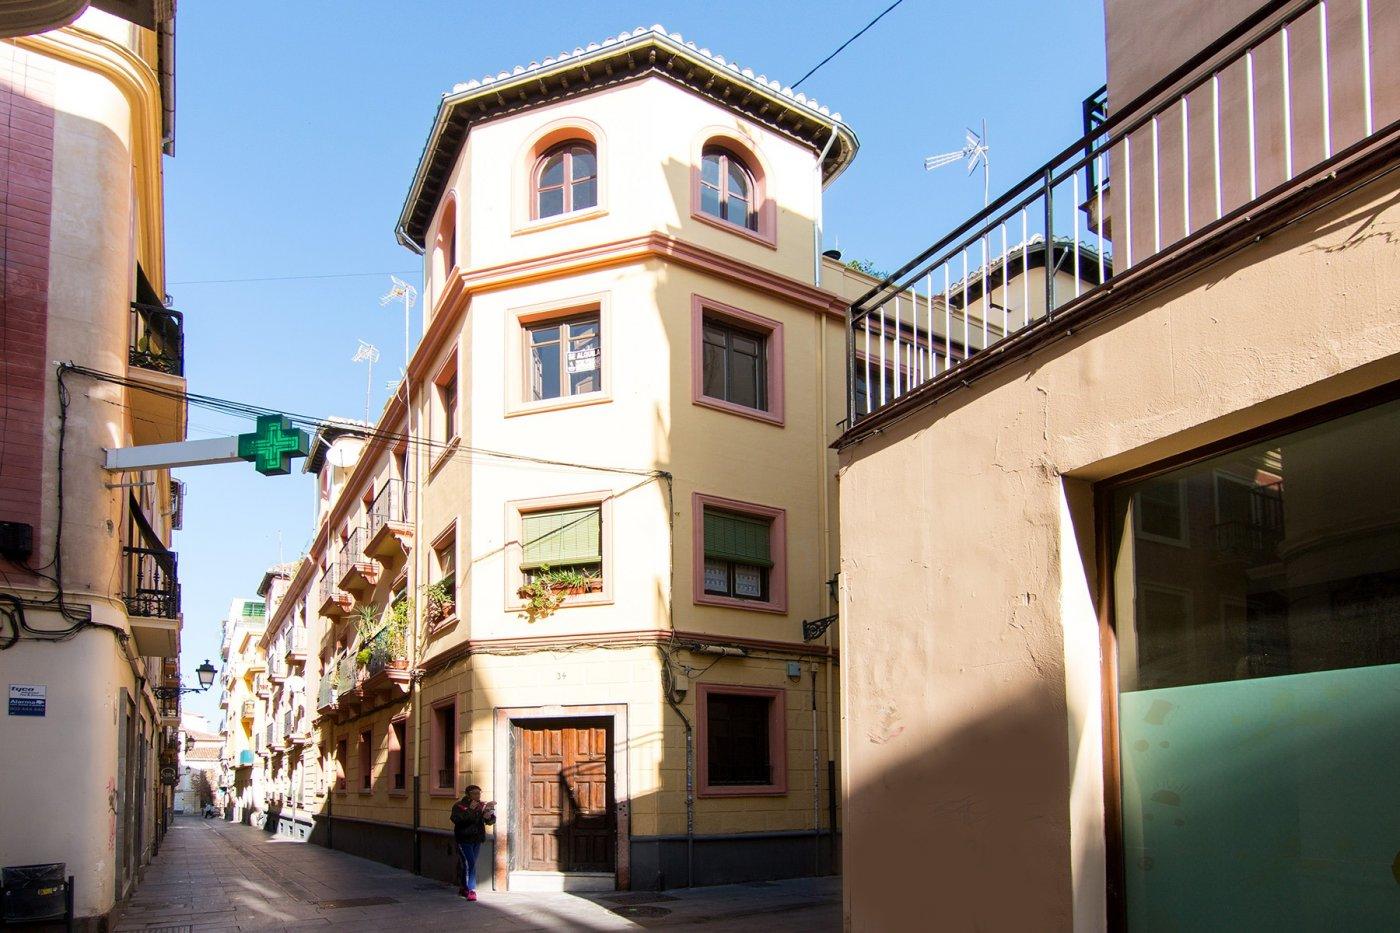 Edificio completo en pleno centro de Granada.  8 viviendas en Barrio de la Magdalena, Granada